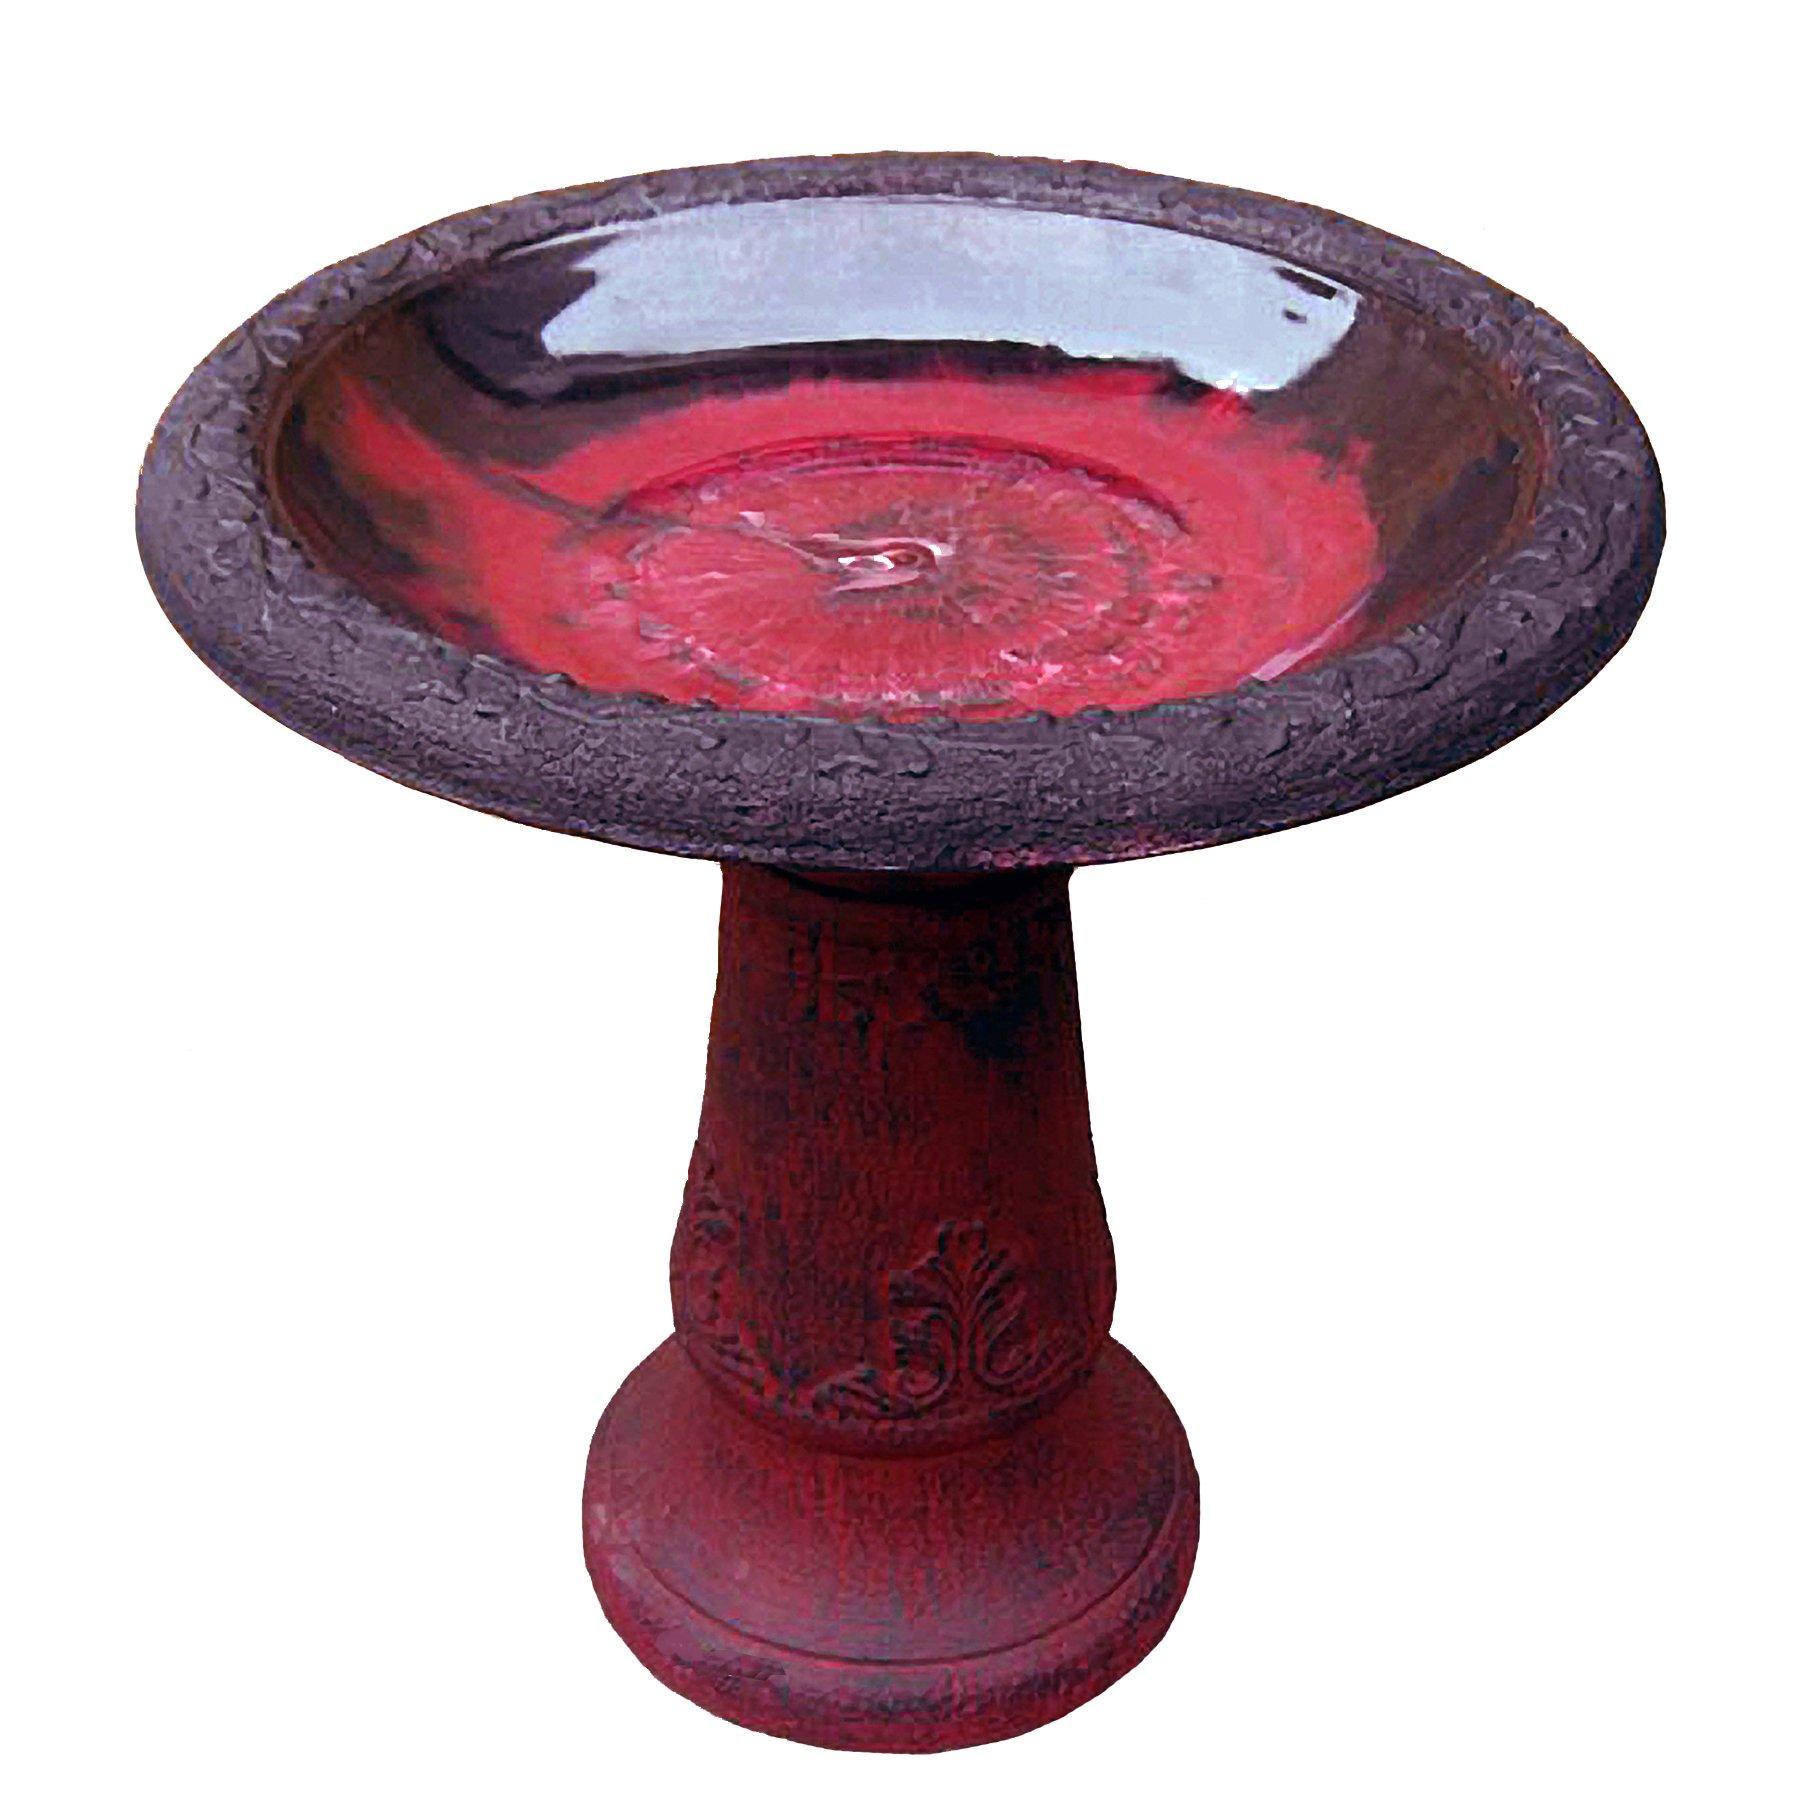 Exaco FM-0082 Endura Clay Scroll Vine Marbleized Birdbath, Red